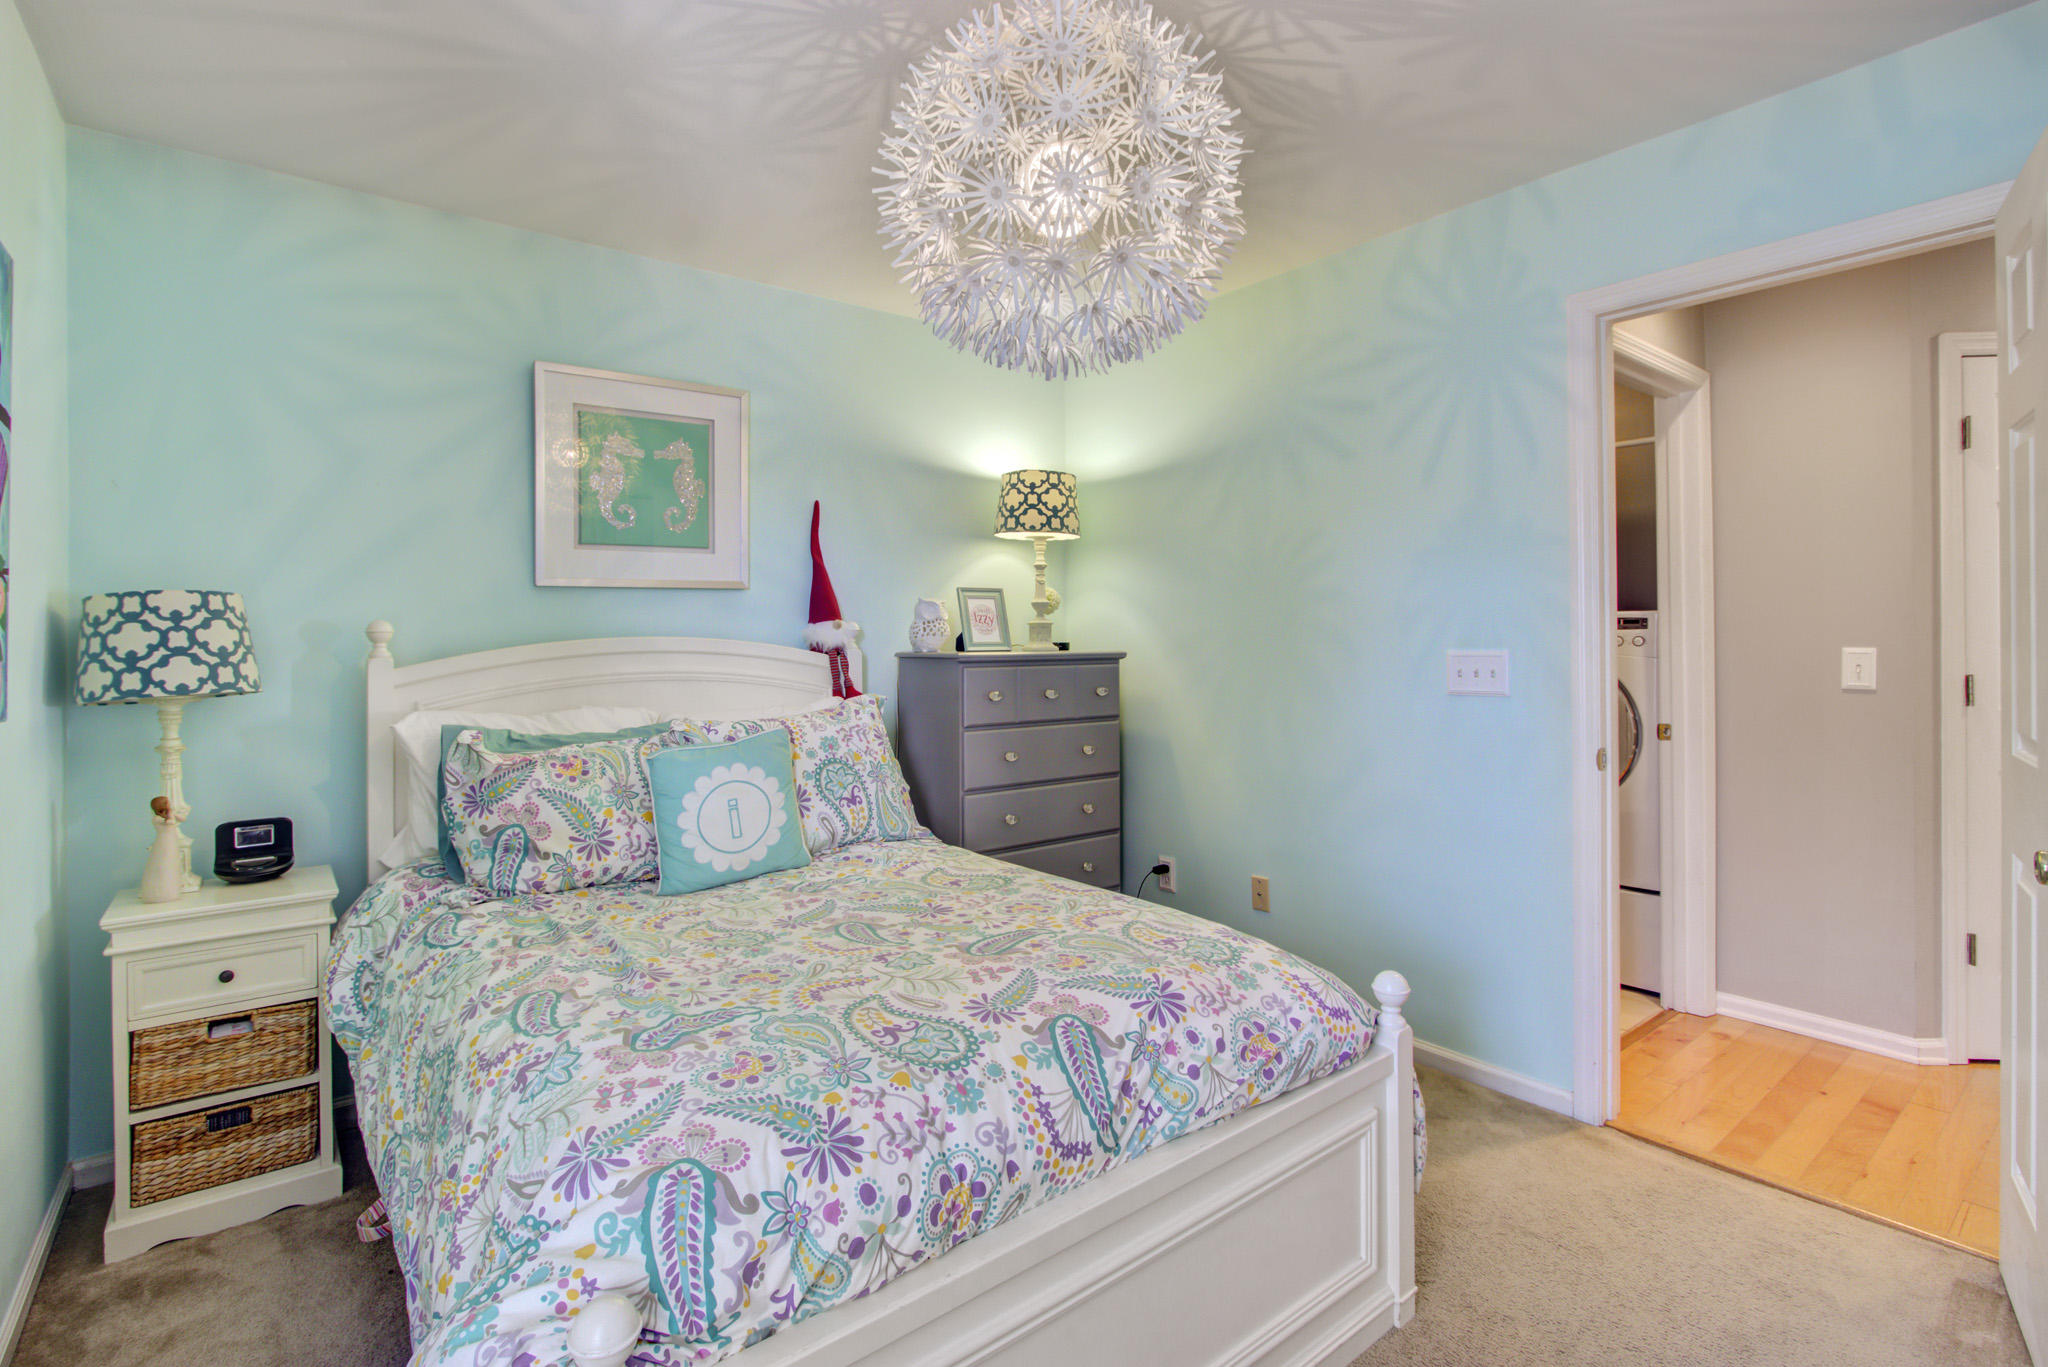 Dunes West Homes For Sale - 1425 Water Oak Cut, Mount Pleasant, SC - 0